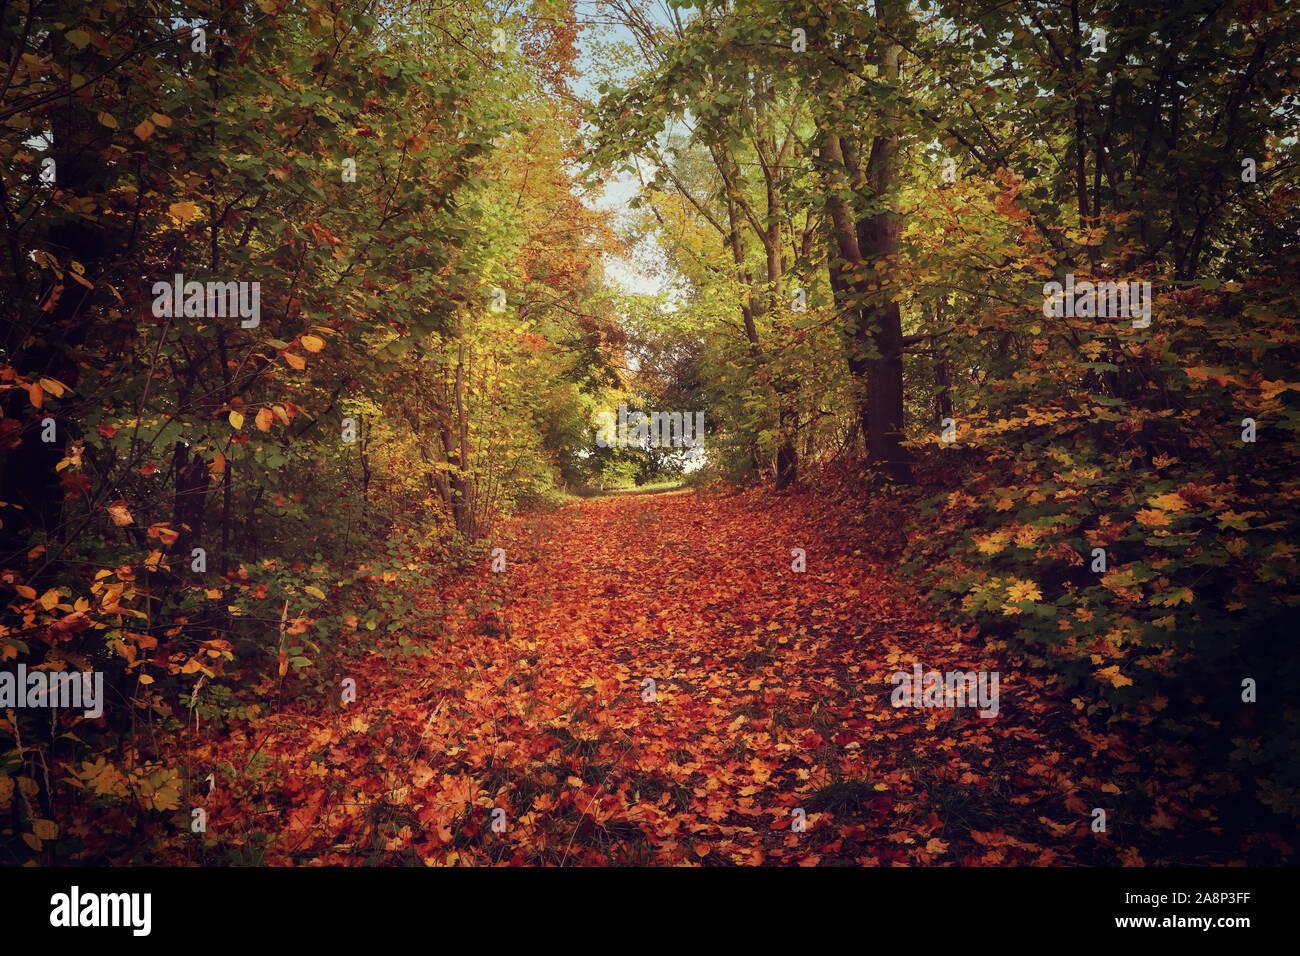 La Bavière, Allemagne - beau tapis rouge de feuilles tombées sur un chemin dans la forêt d'automne Banque D'Images